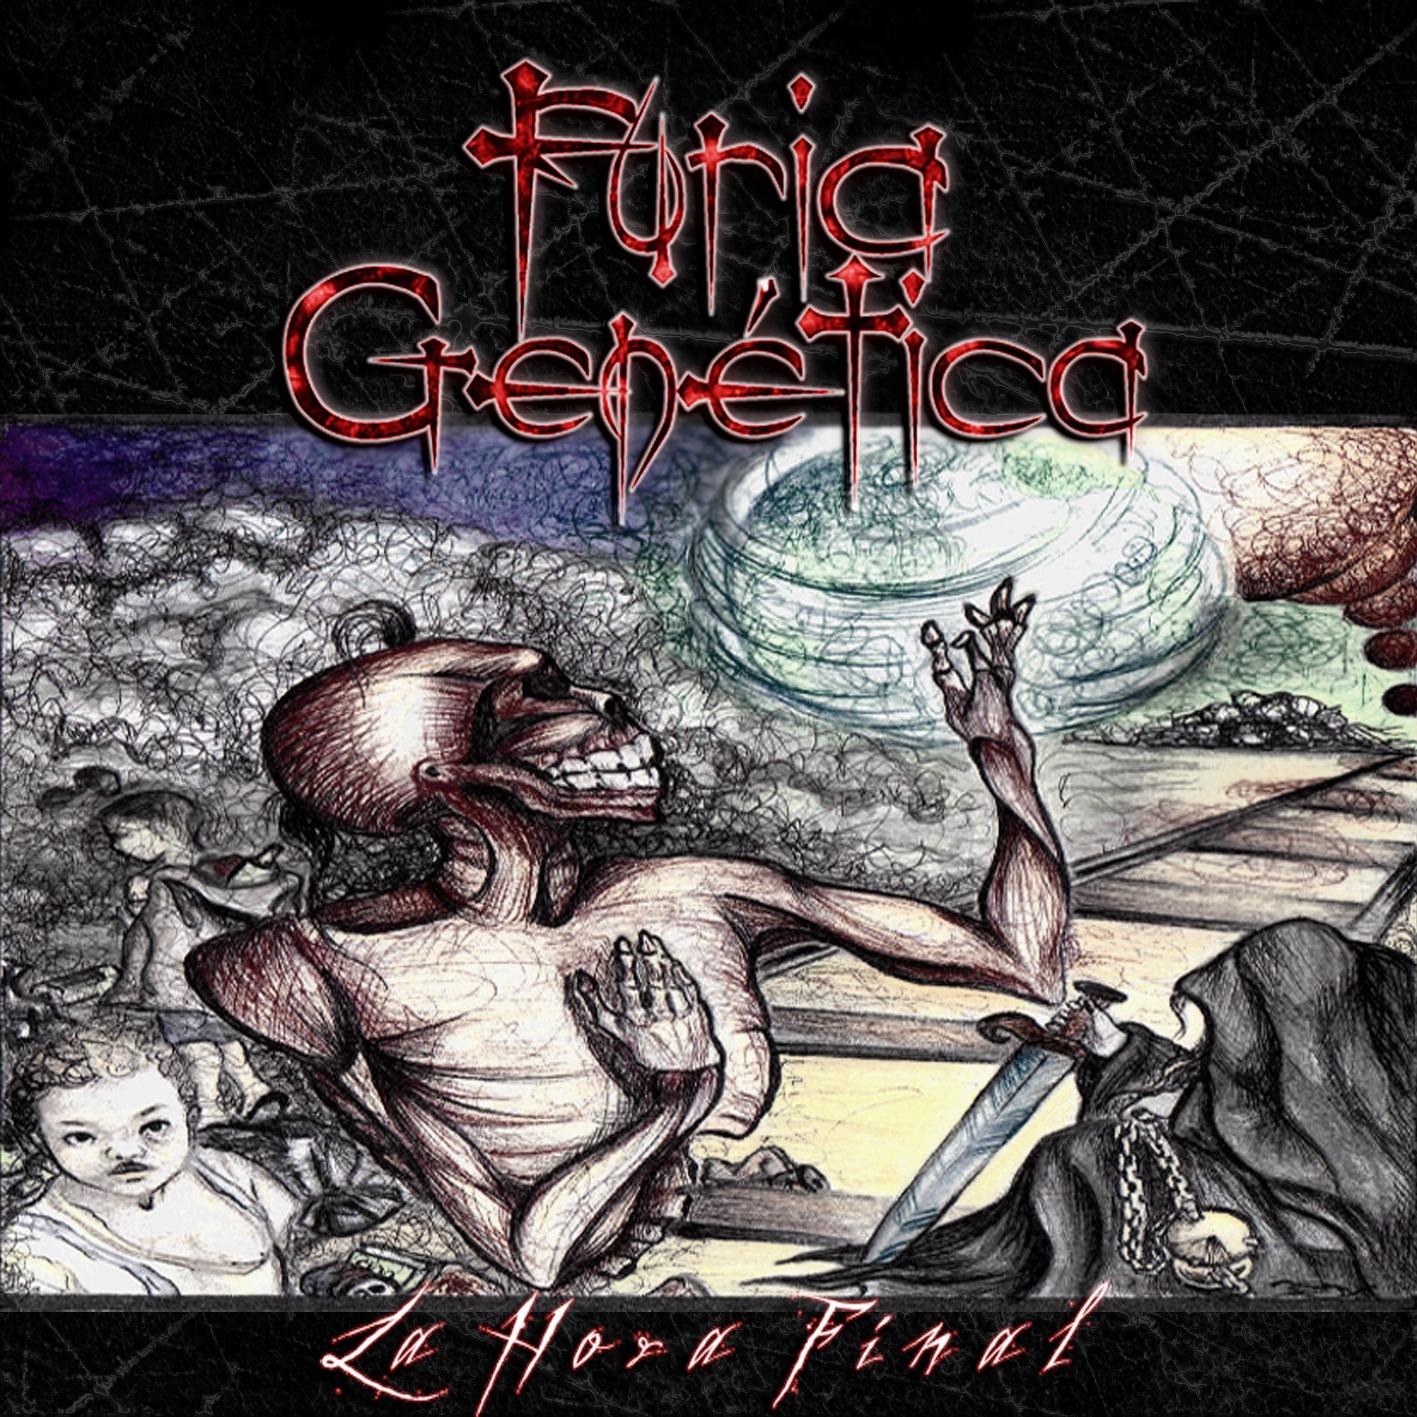 Furia Genética - La Hora Final (2008)